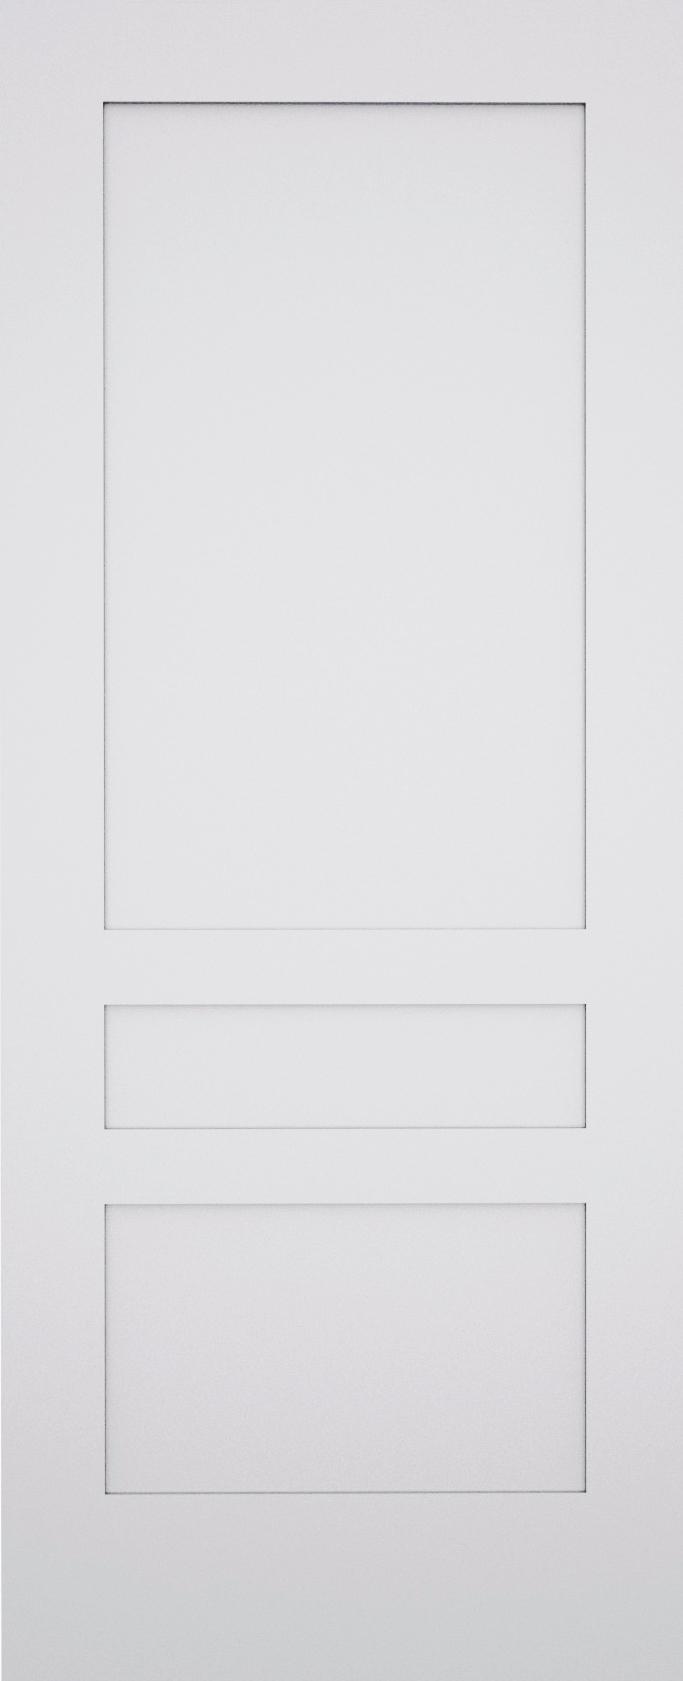 Kesh Shaker 3 Panel Door